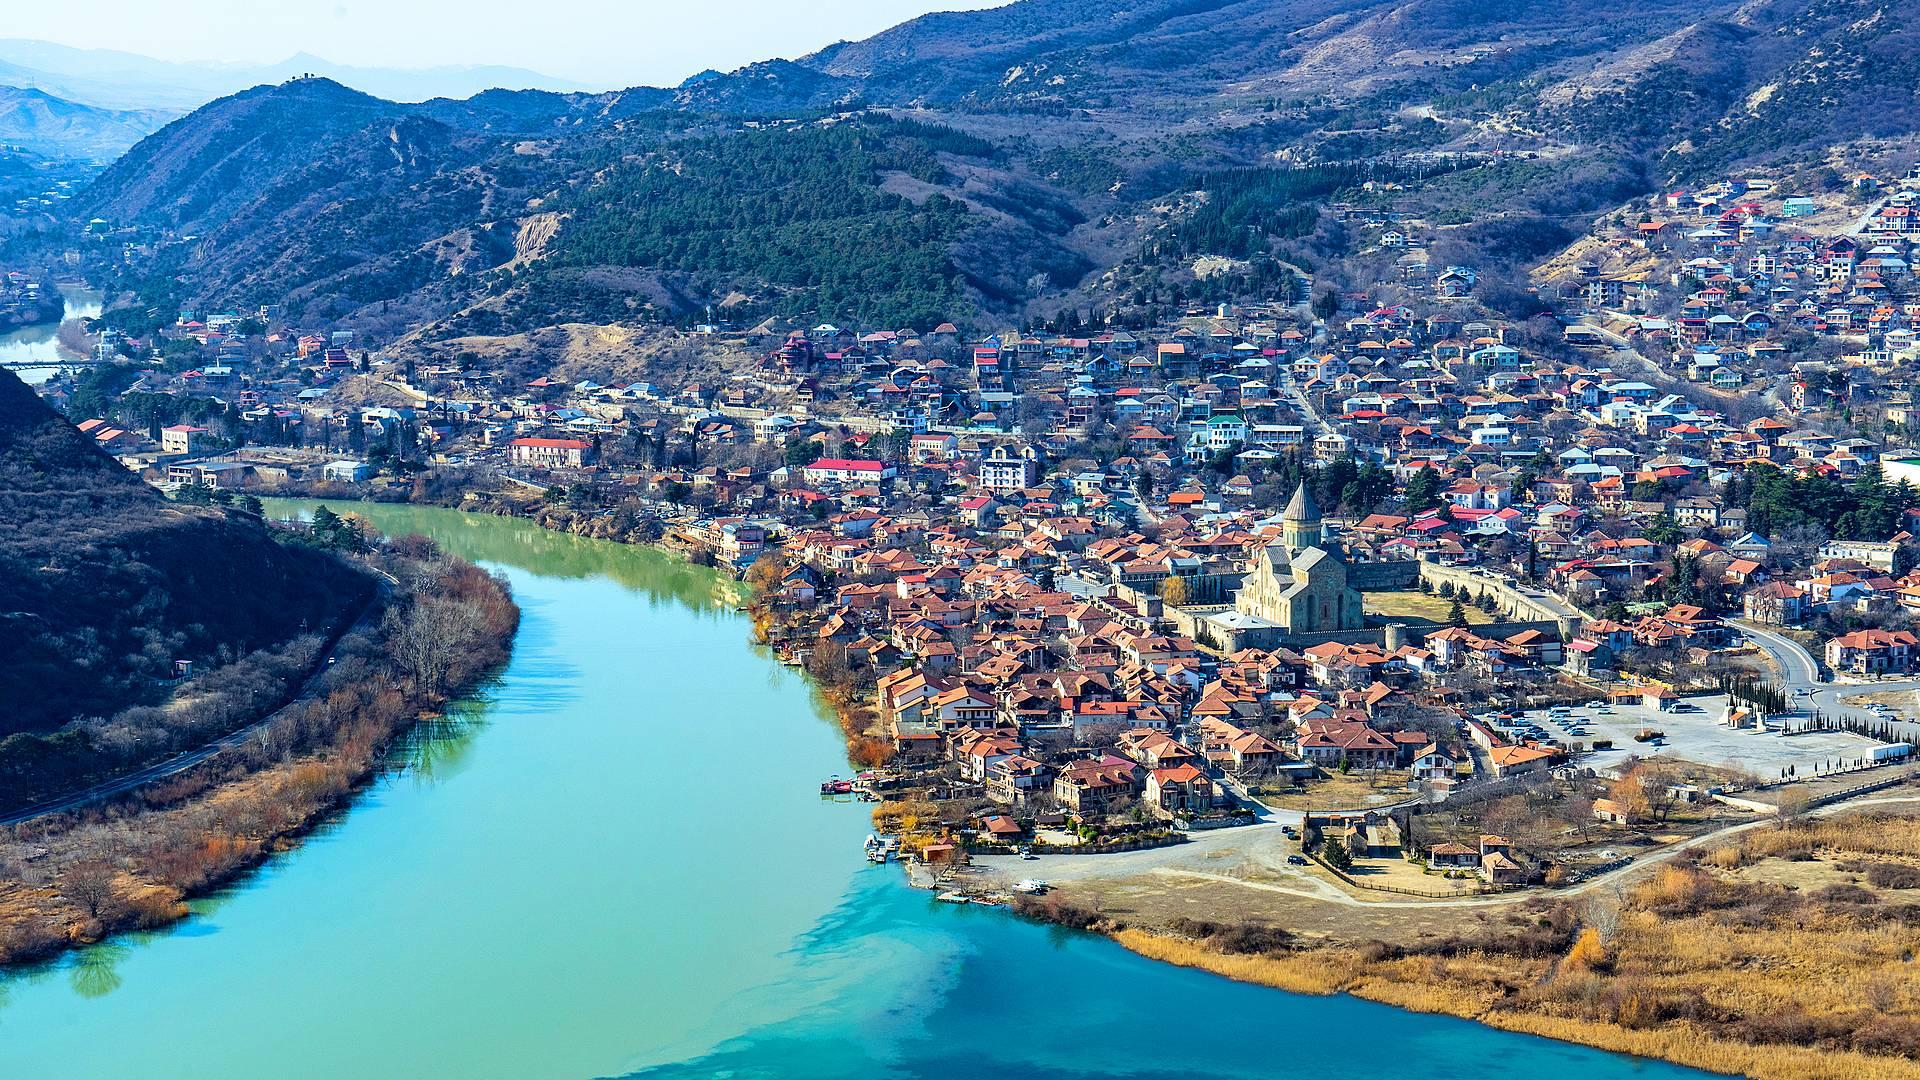 Azerbaijan, Georgia e Armenia: i mille volti della Transcaucasia